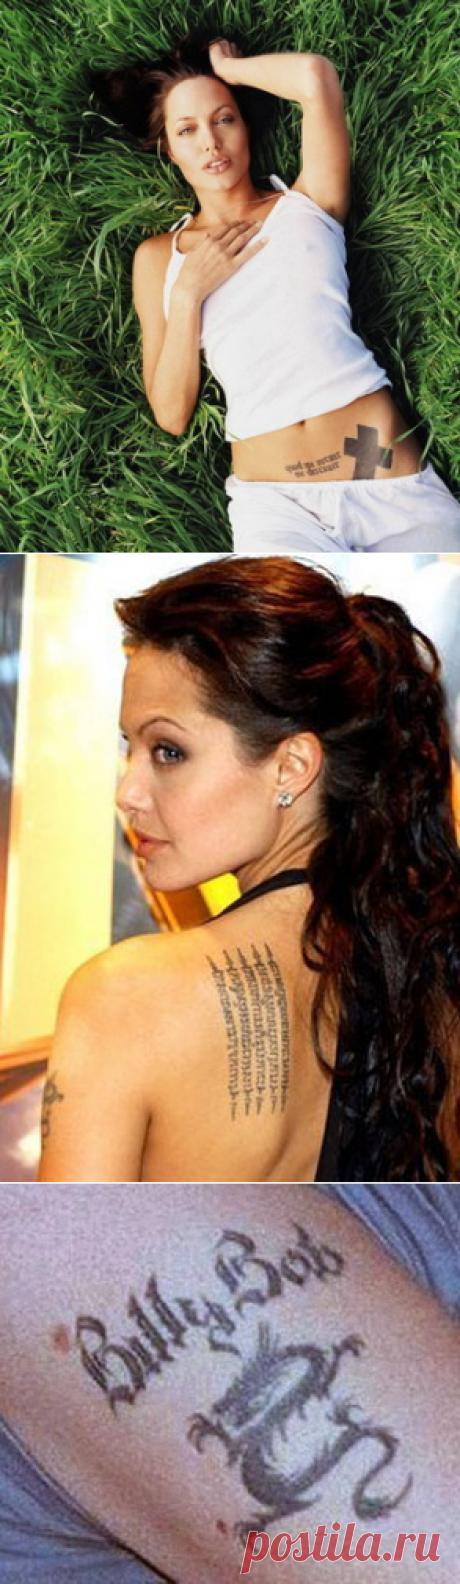 Фото и значение татуировок Анджелины Джоли   Лови Love